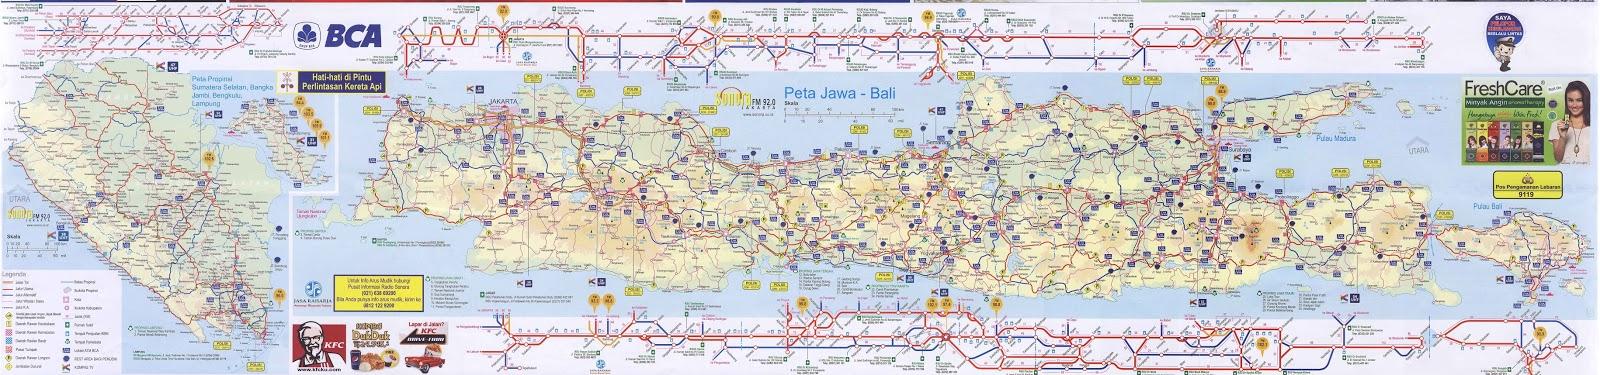 peta jawa barat pdf